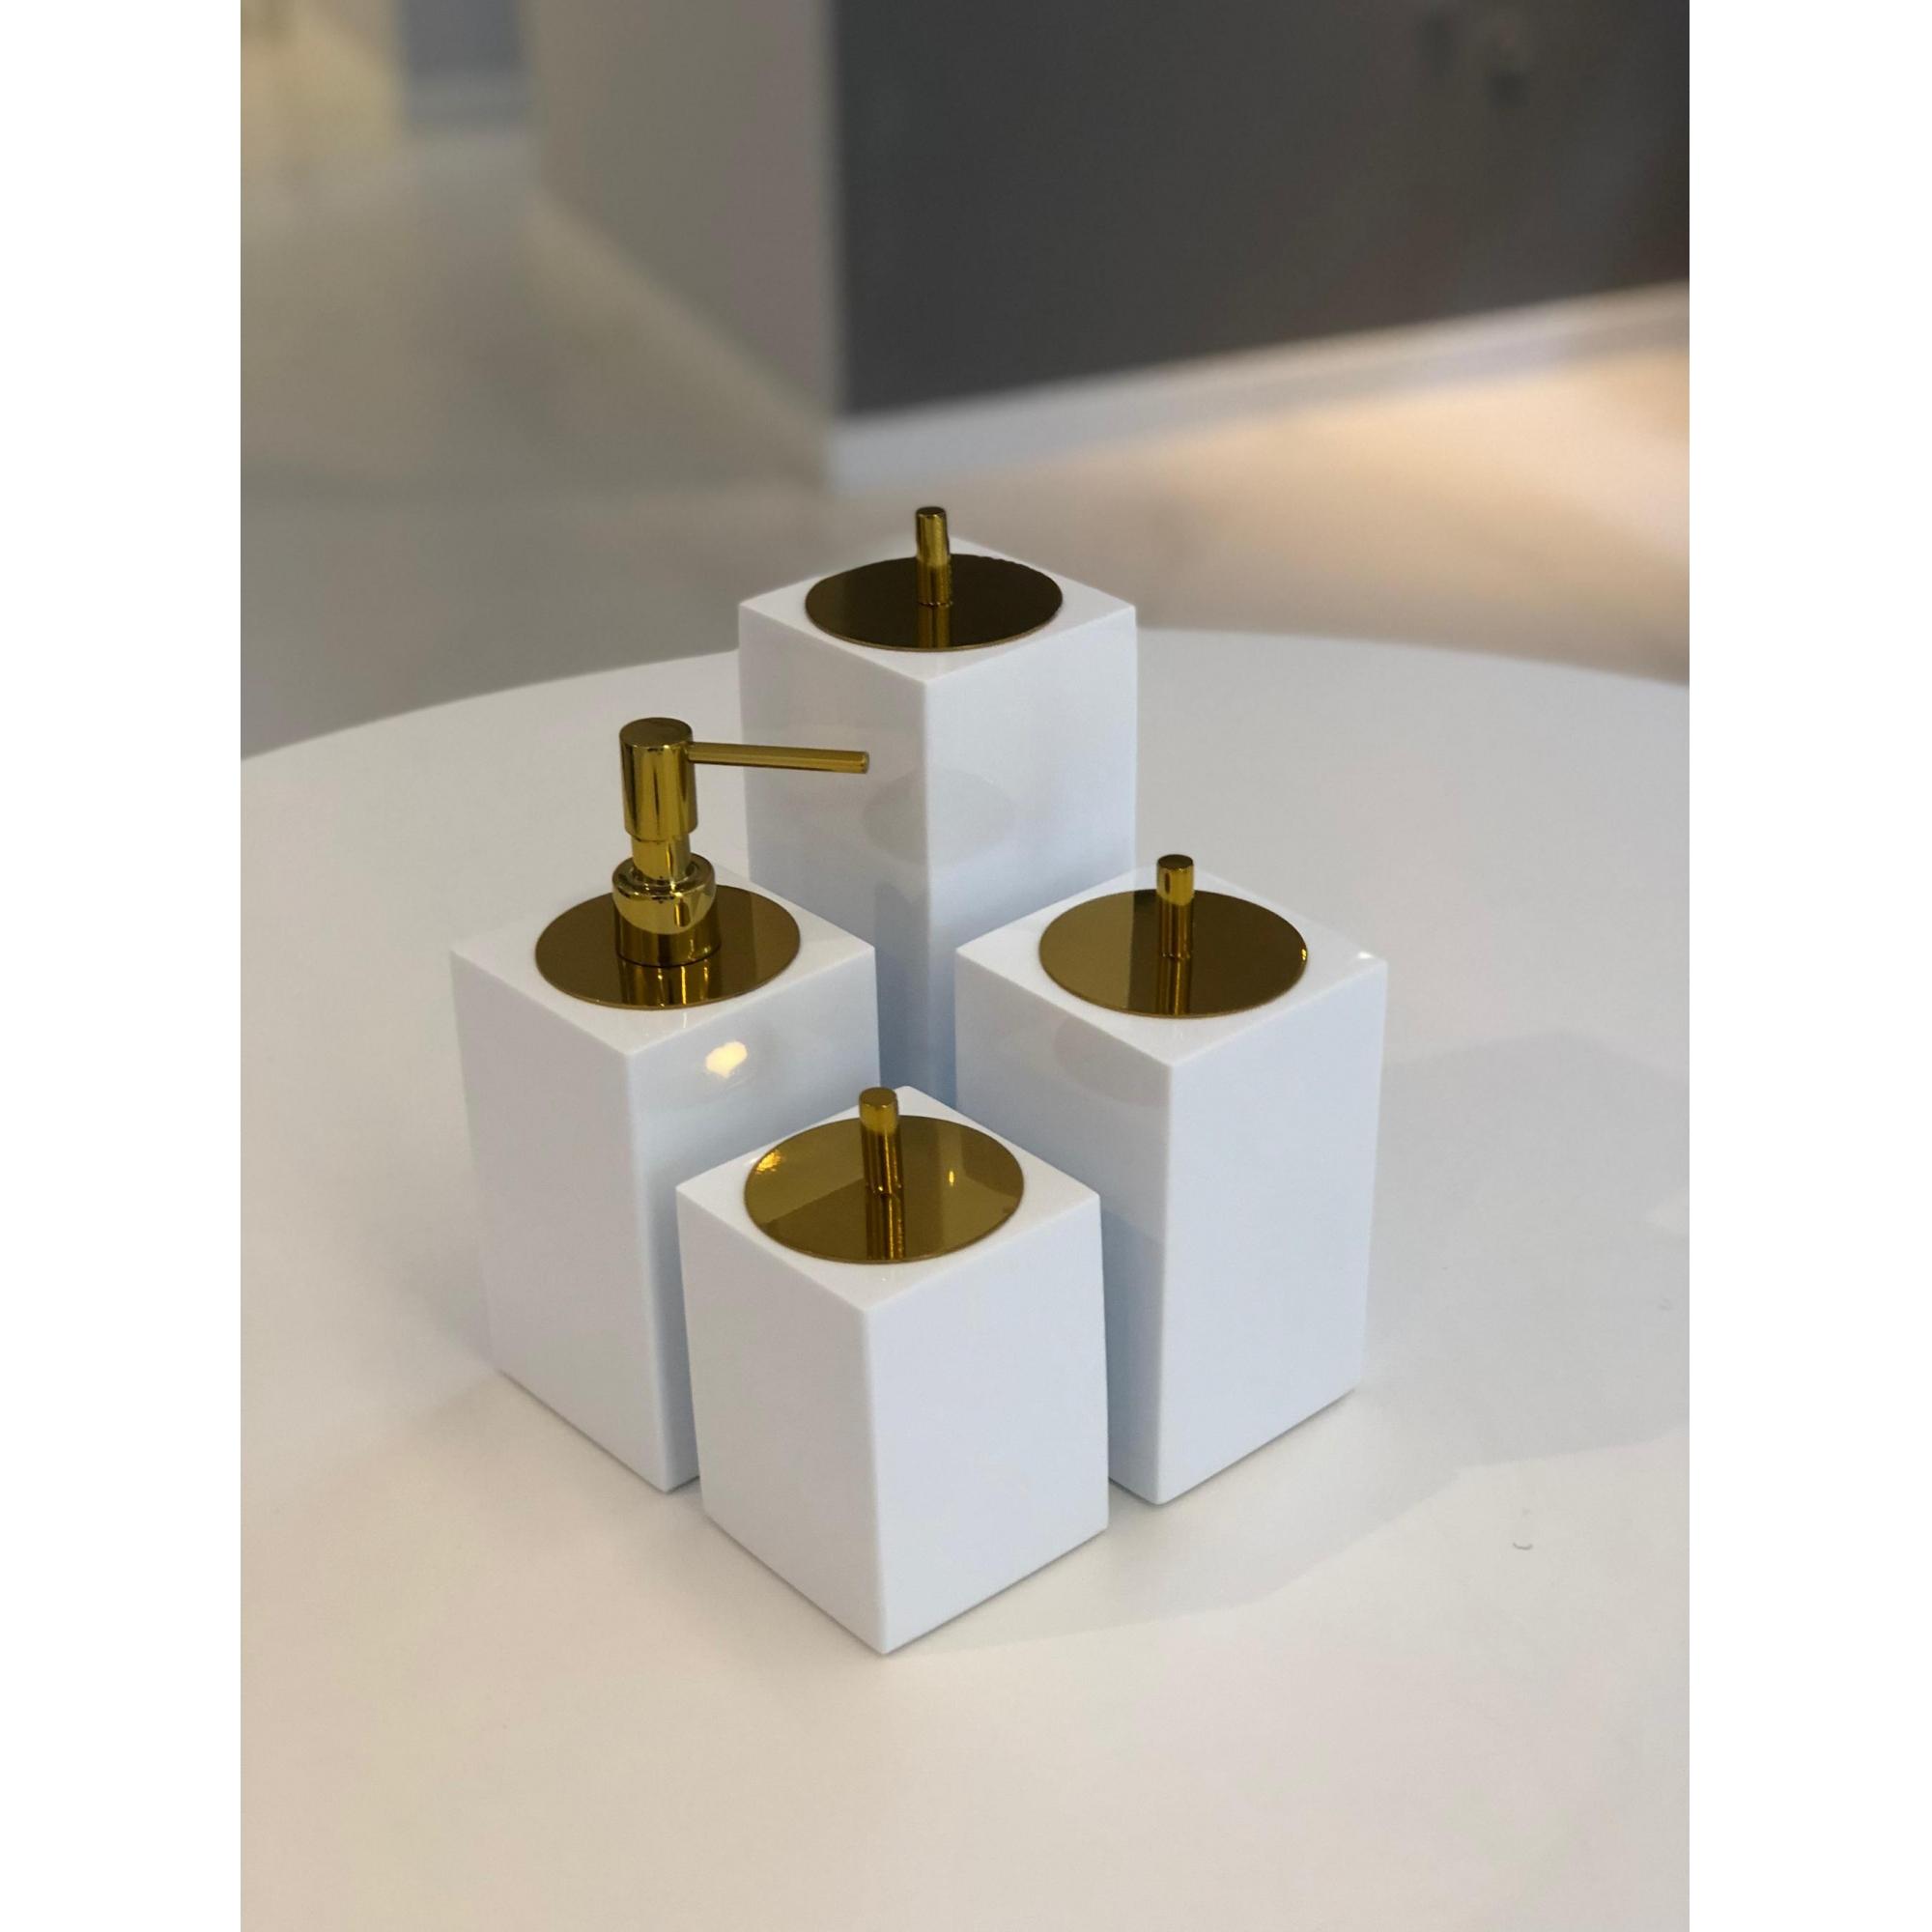 Conjunto Quadrado para Banheiro 4 peças com Tampa Dourada e Acabamento Branco